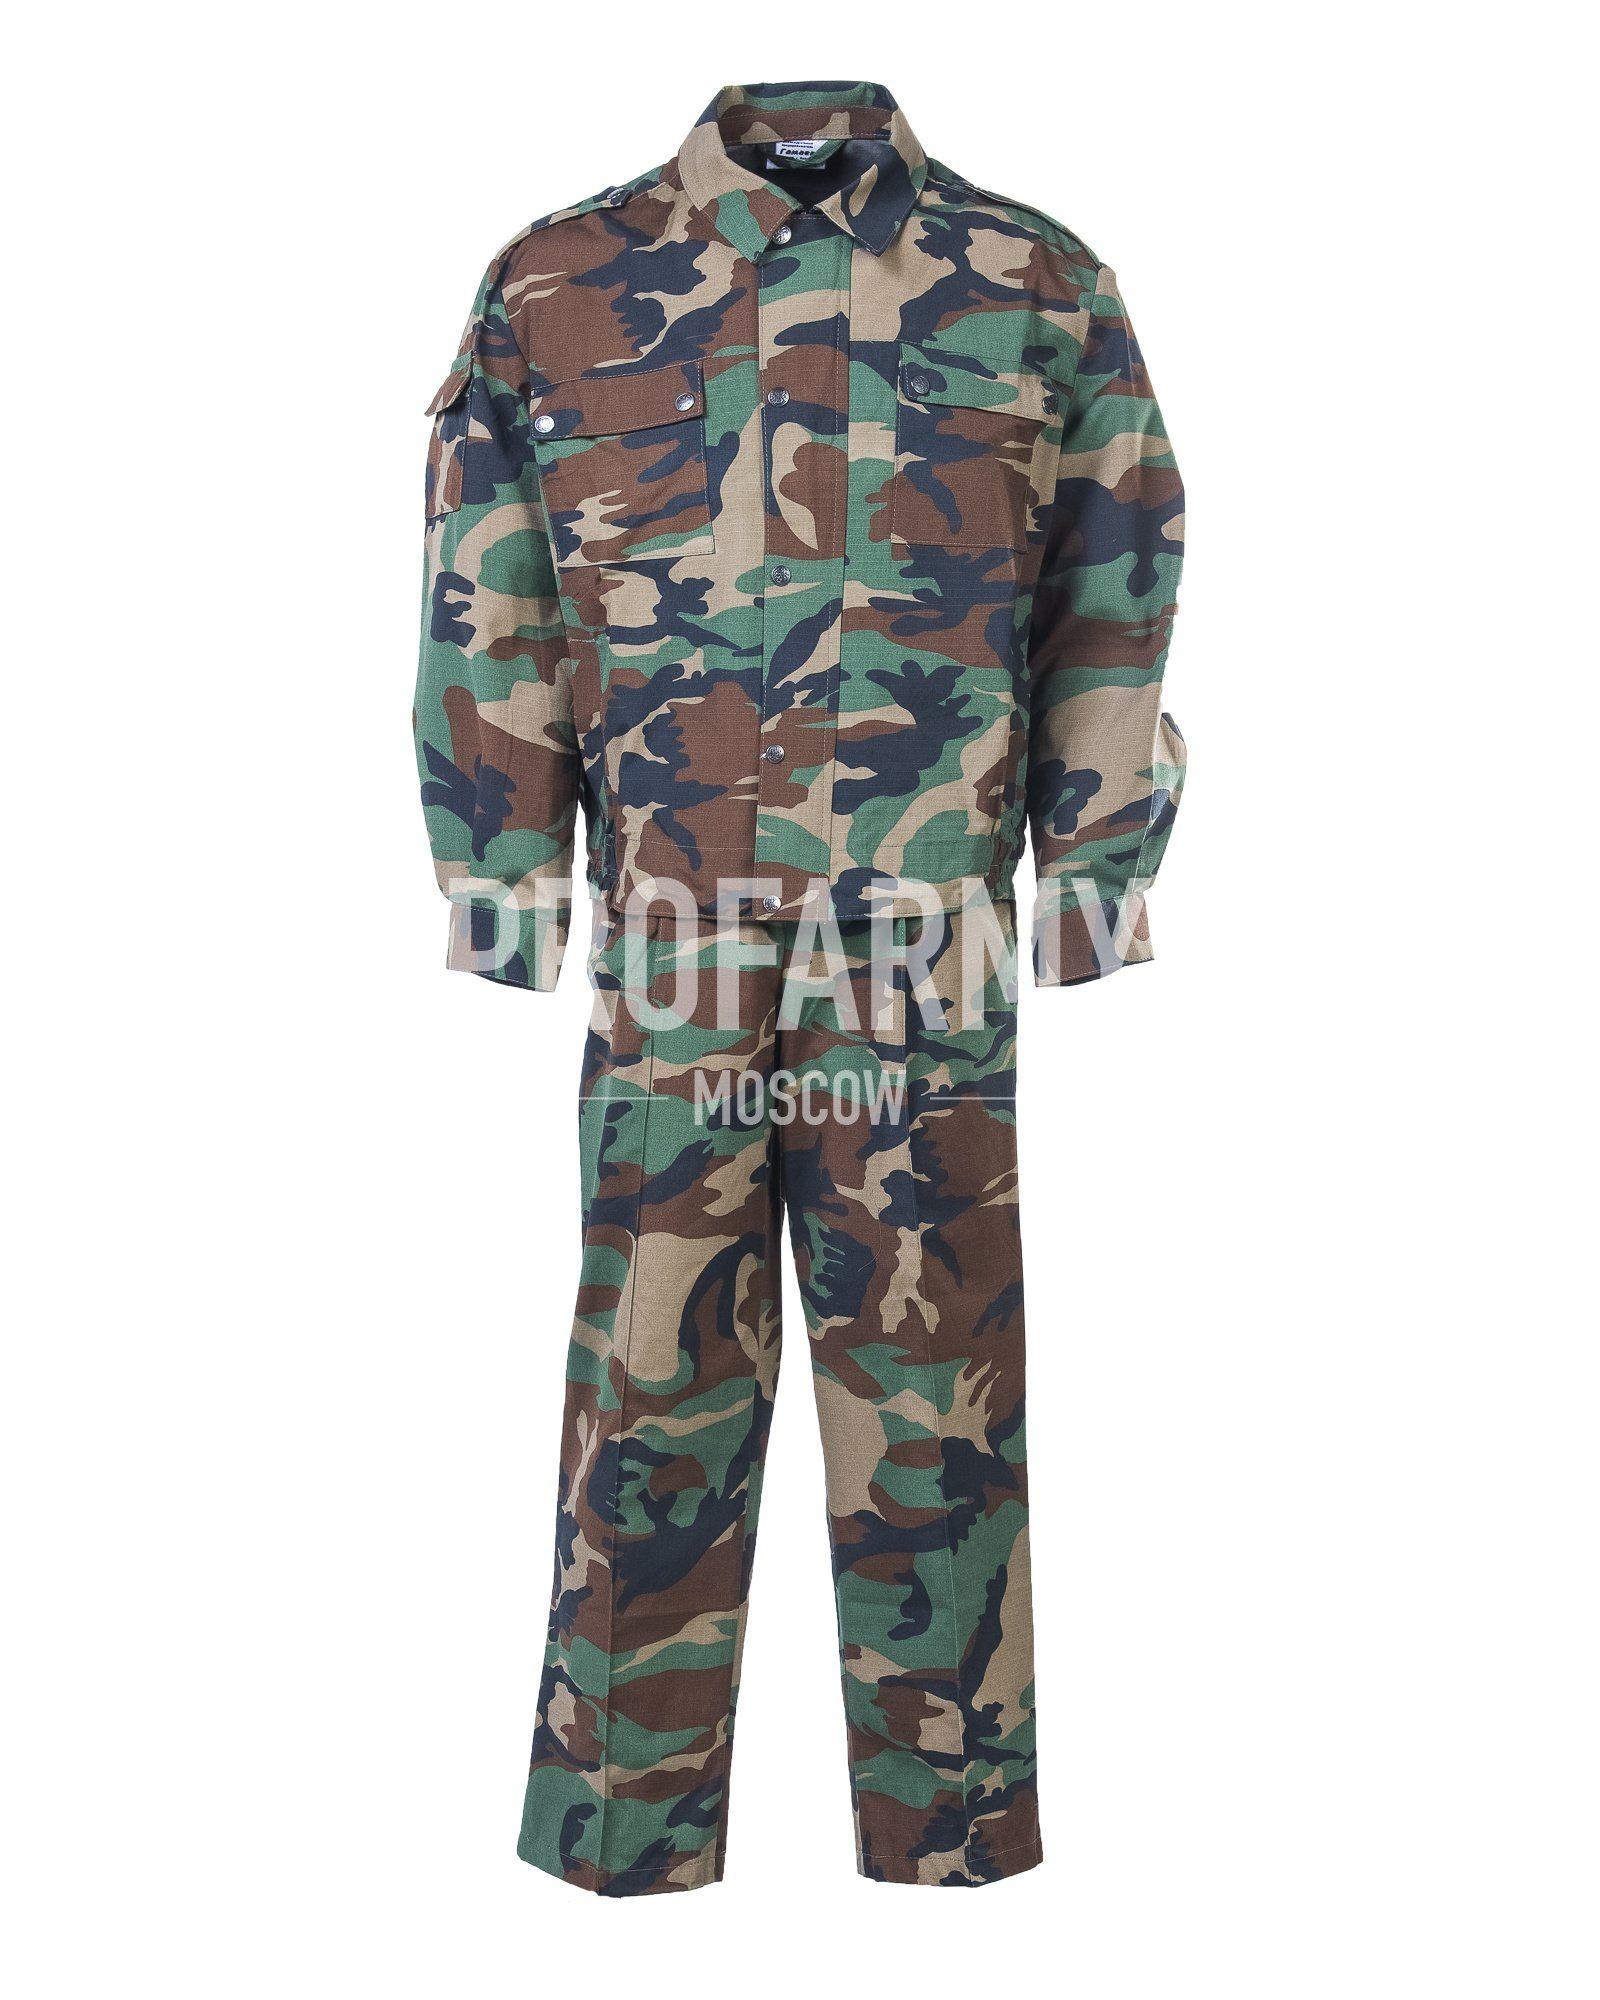 Костюм СКС (Woodland) RipStop, Тактические костюмы - арт. 1051790259